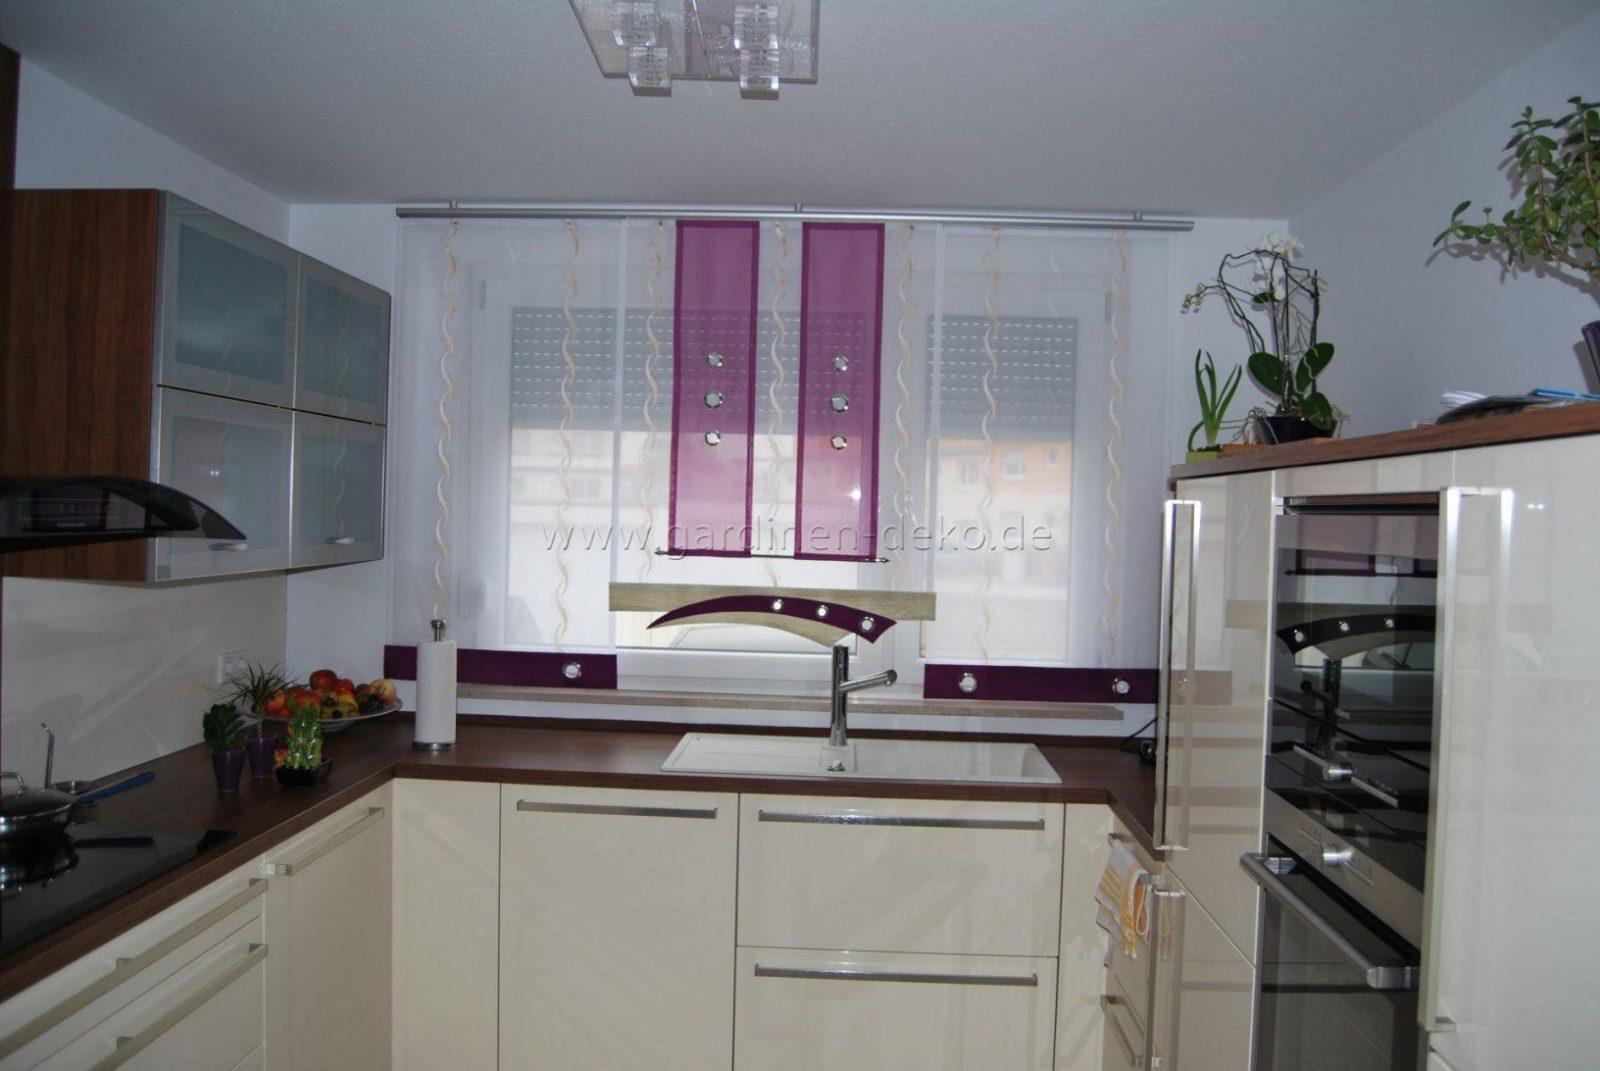 Schiebevorhang Für Die Küche In Weiß Lila Und Beige Mit von Gardinen Kurz Küche Photo